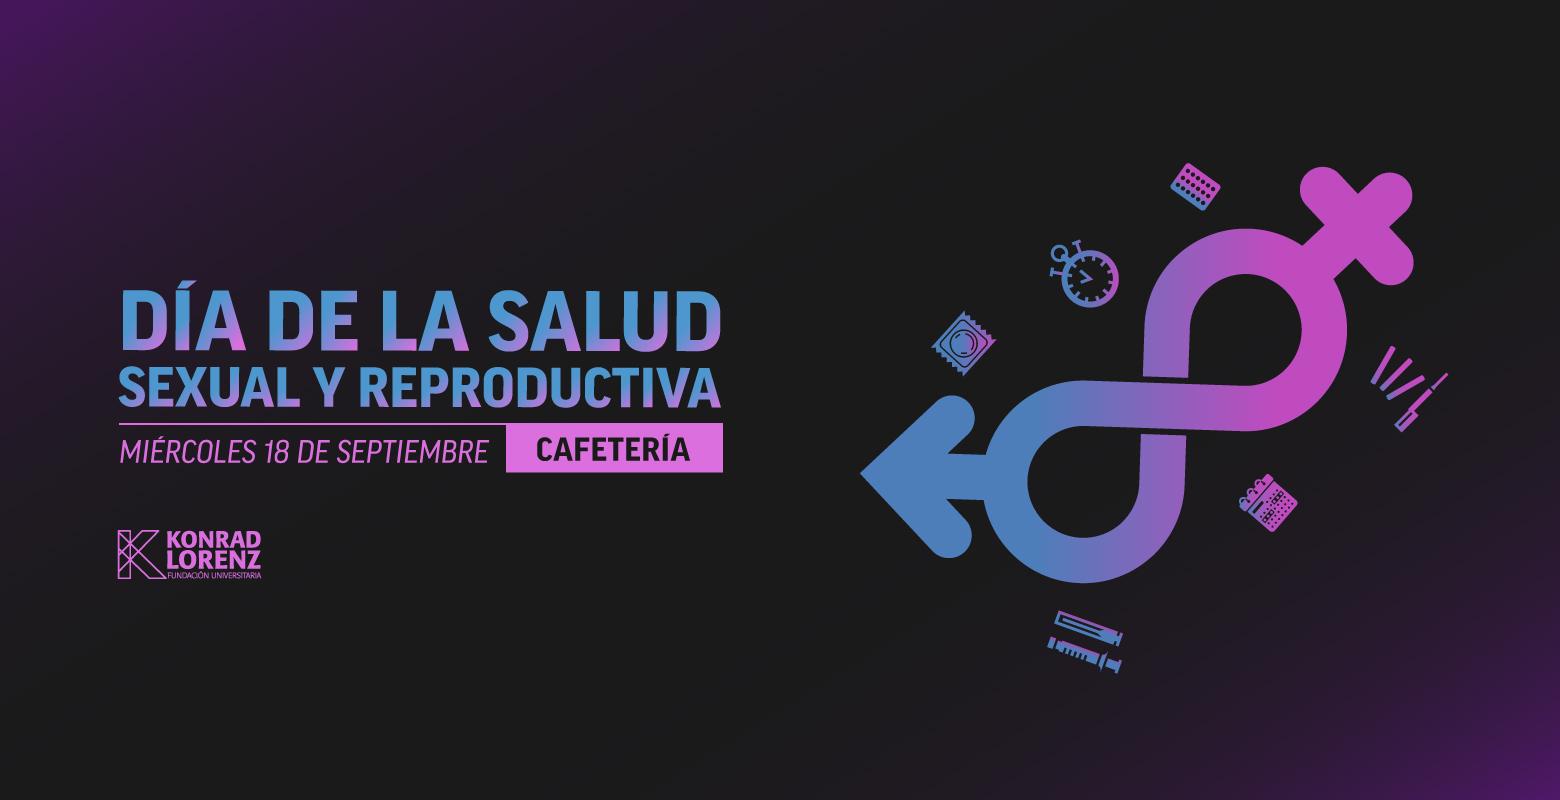 Día de la Salud Sexual y Reproductiva